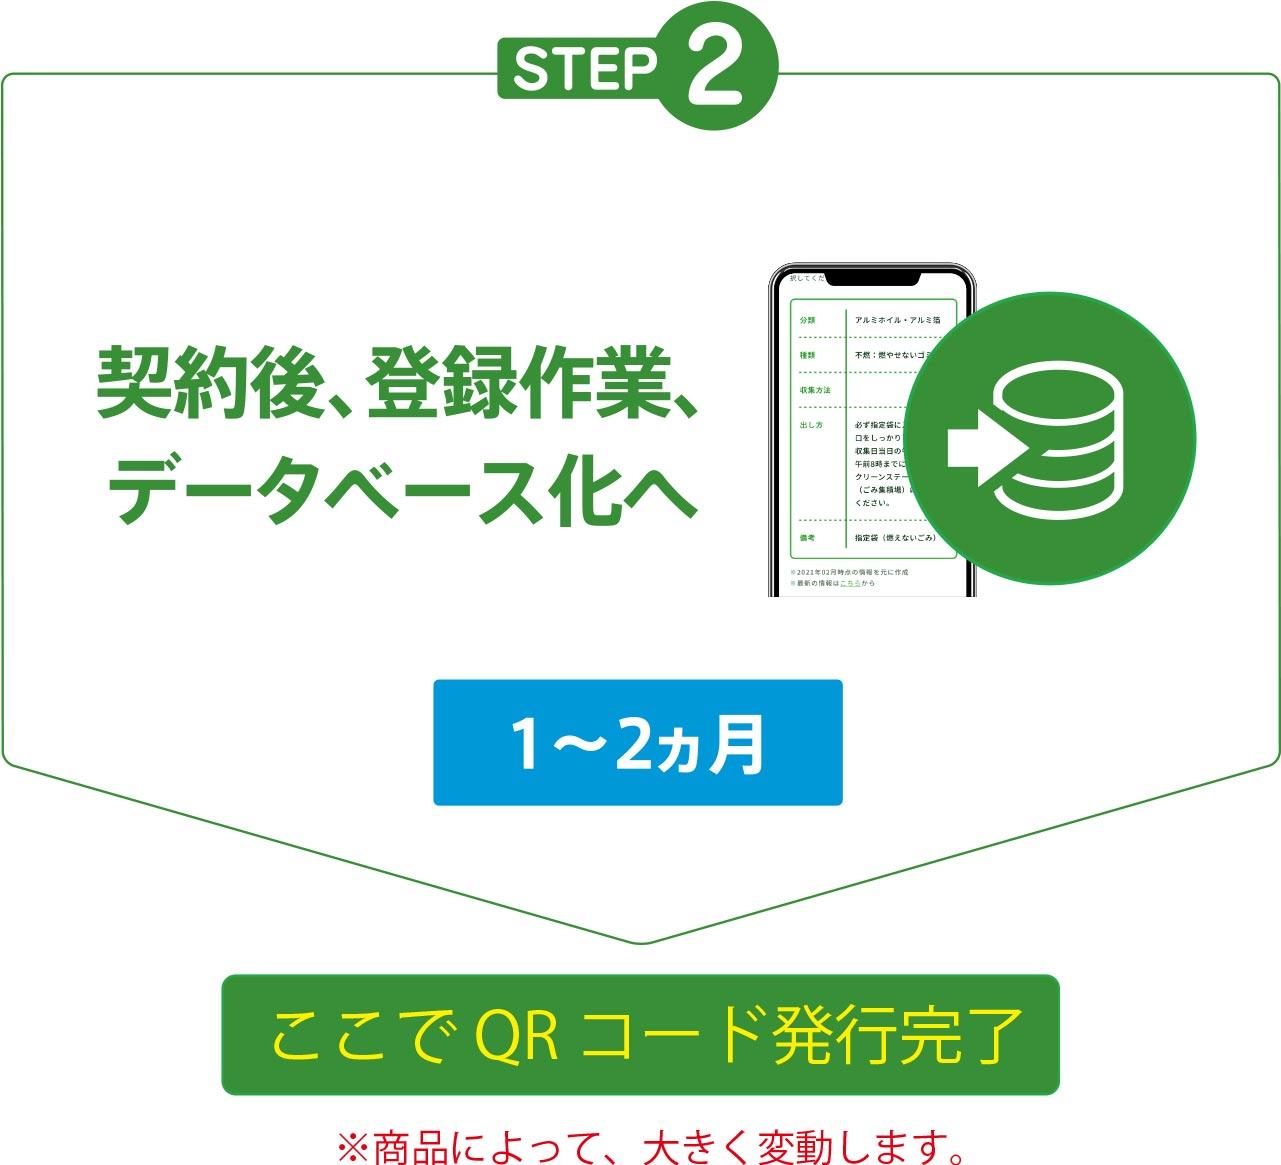 STEP2.契約後、登録作業、データべース化へ